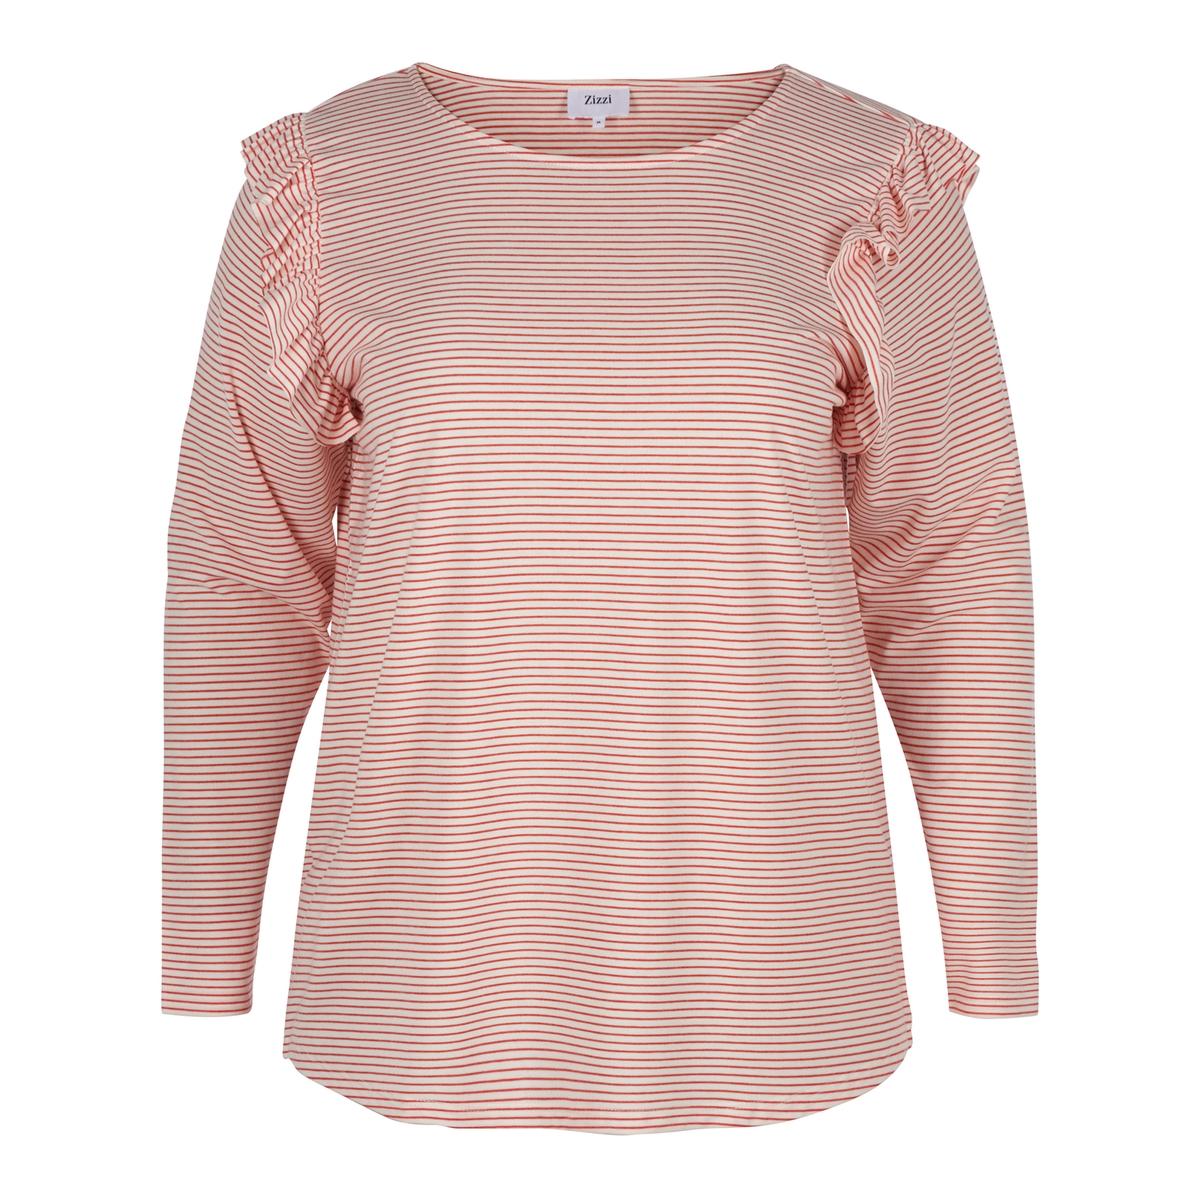 Блузка в полоску  воланами  плечах